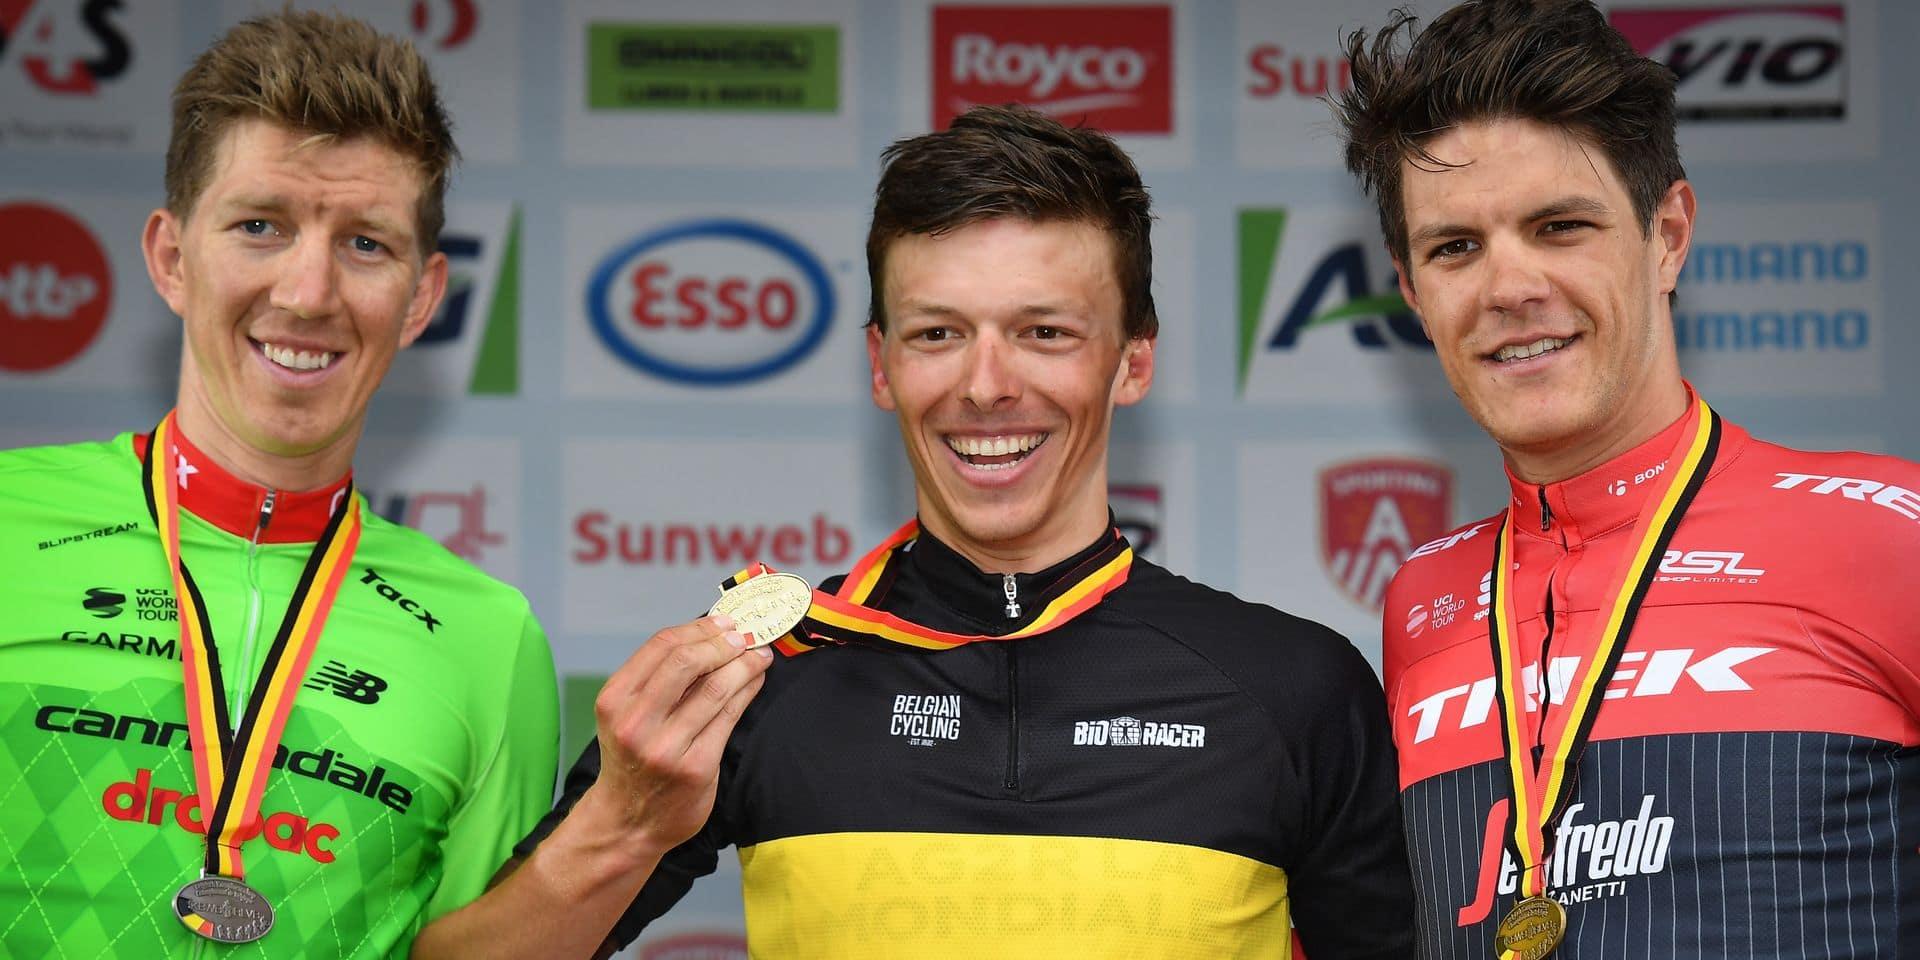 Qui sont les favoris du championnat de Belgique de cyclisme ?